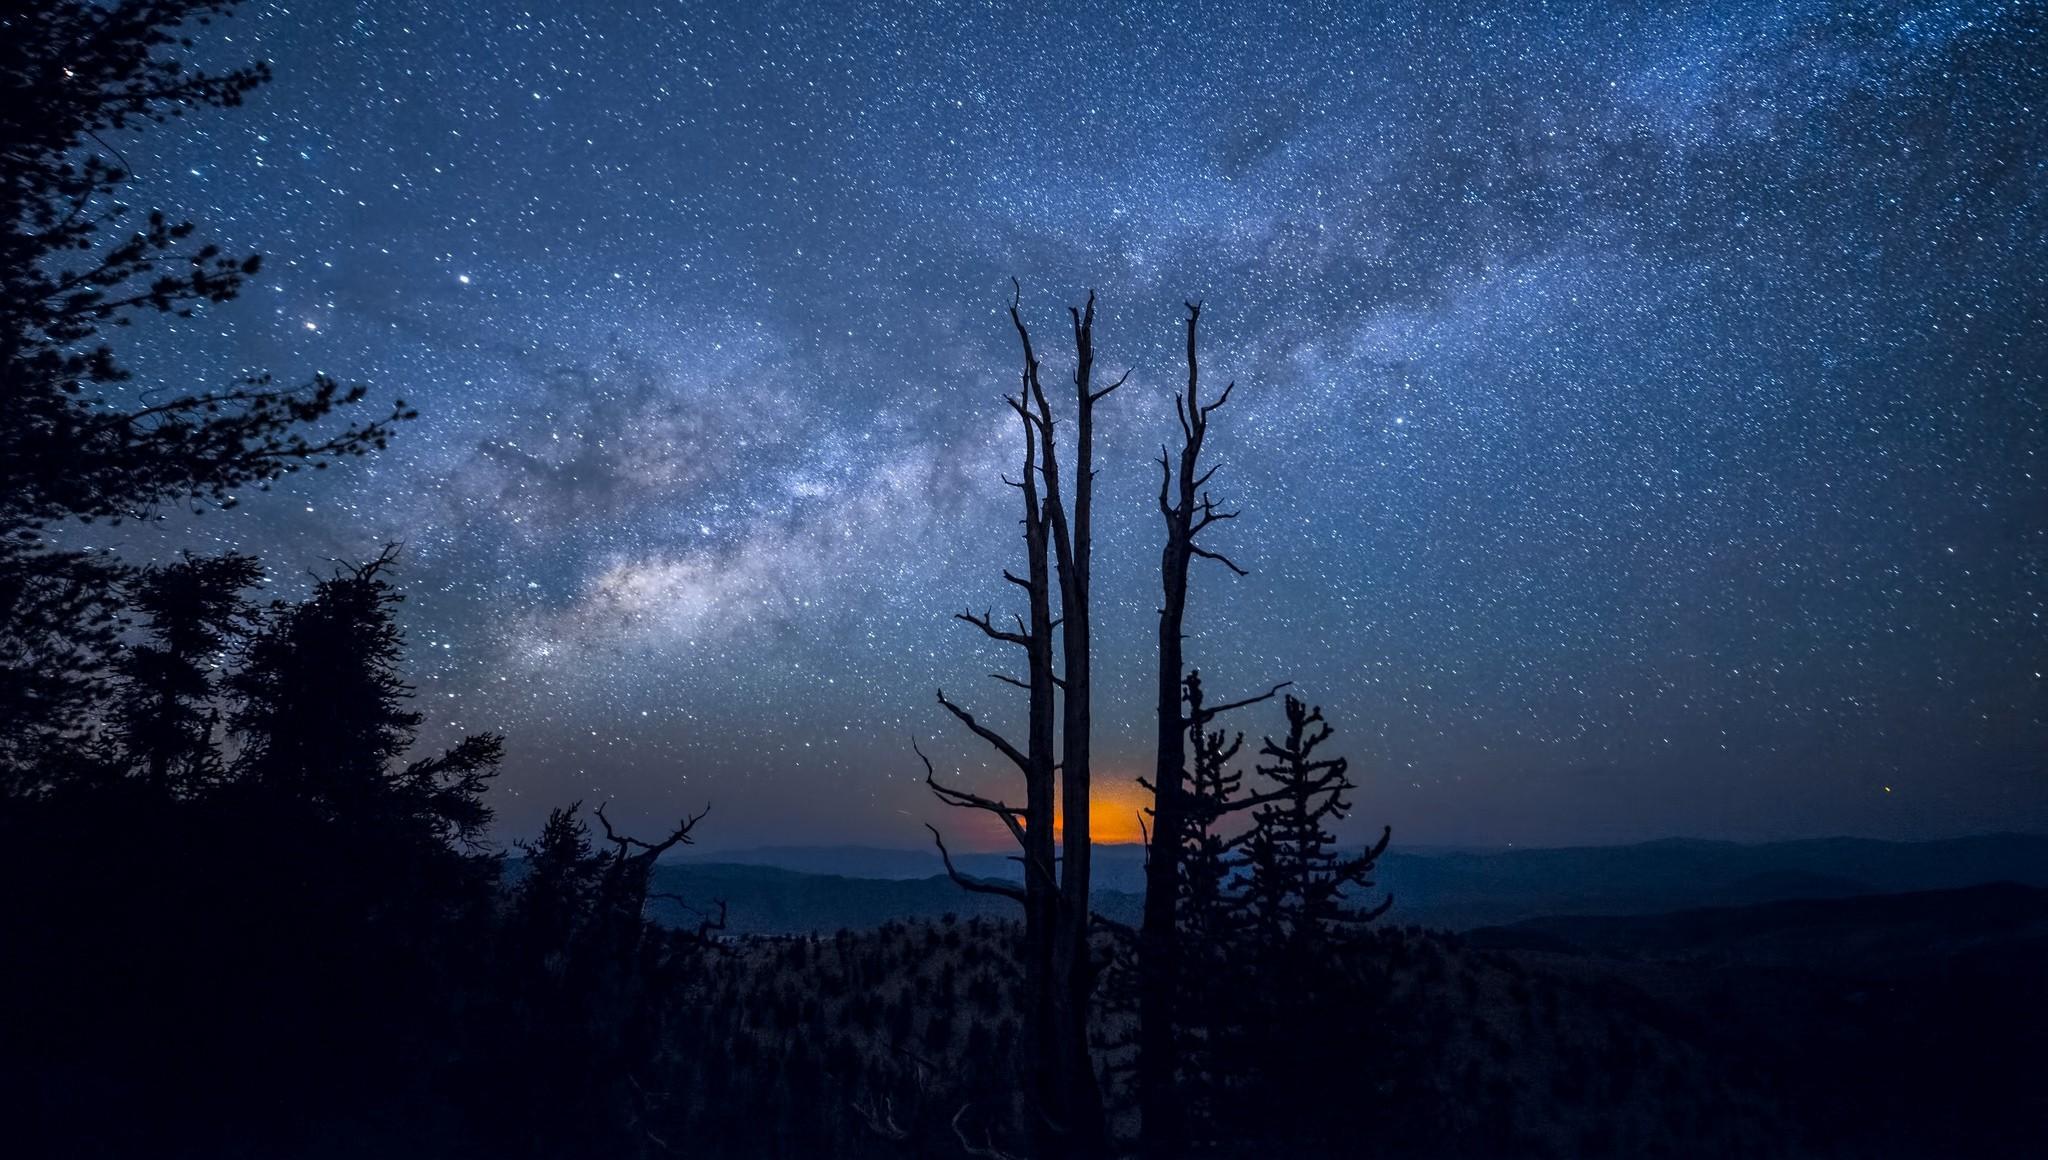 картинки ночное небо и деревья лучшие